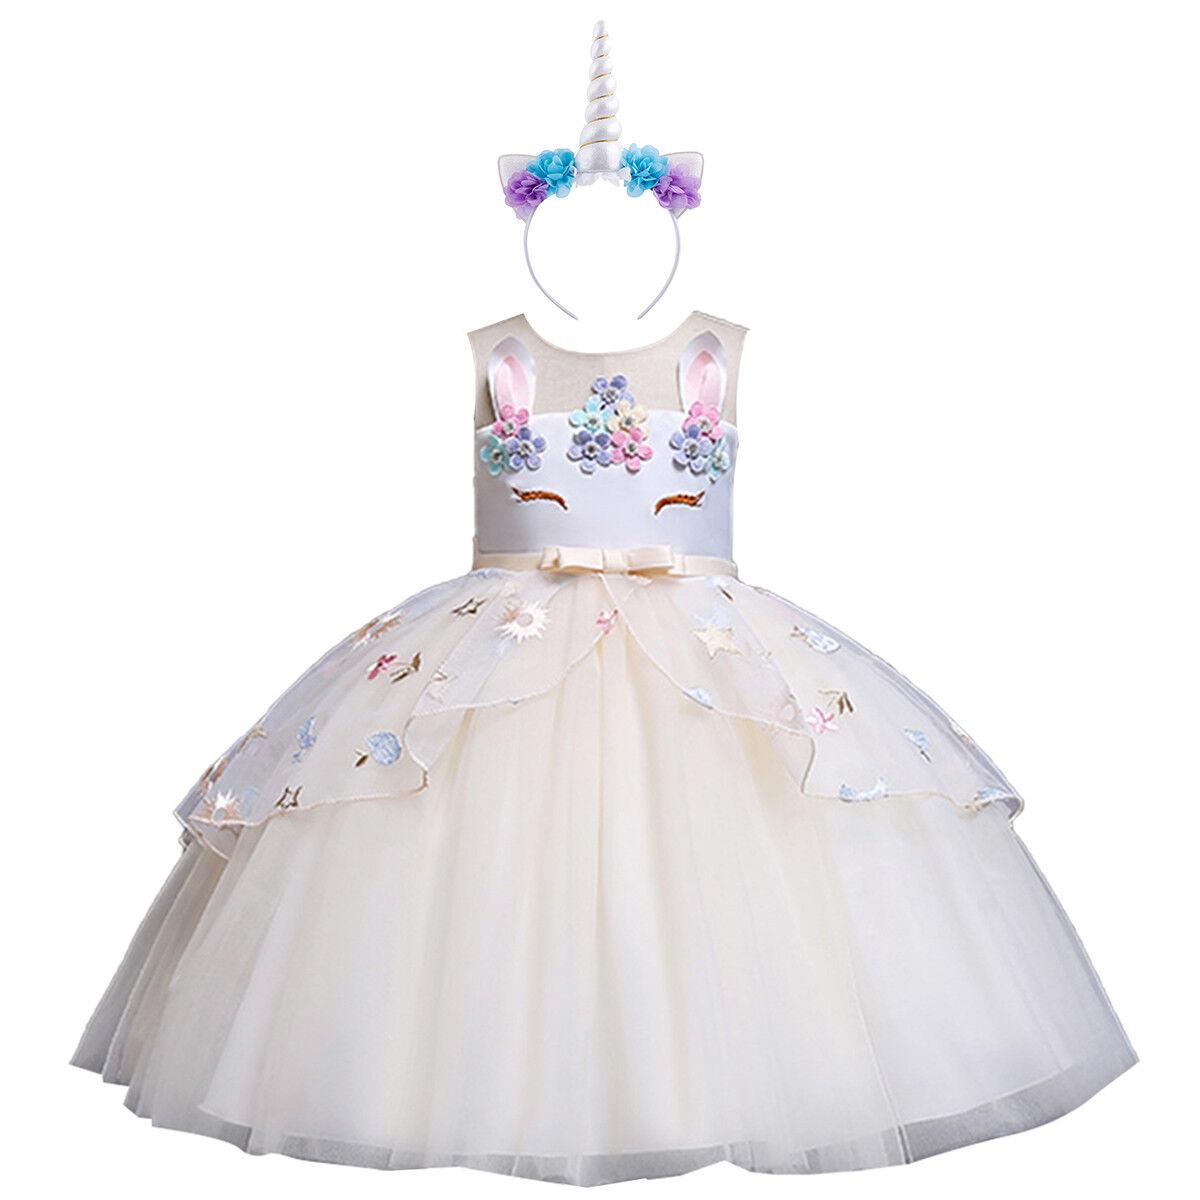 1b9fd432a93 Αγορά Παιδικά Ρούχα, παπούτσια | Flower Girl Unicorn Dress for Kid ...